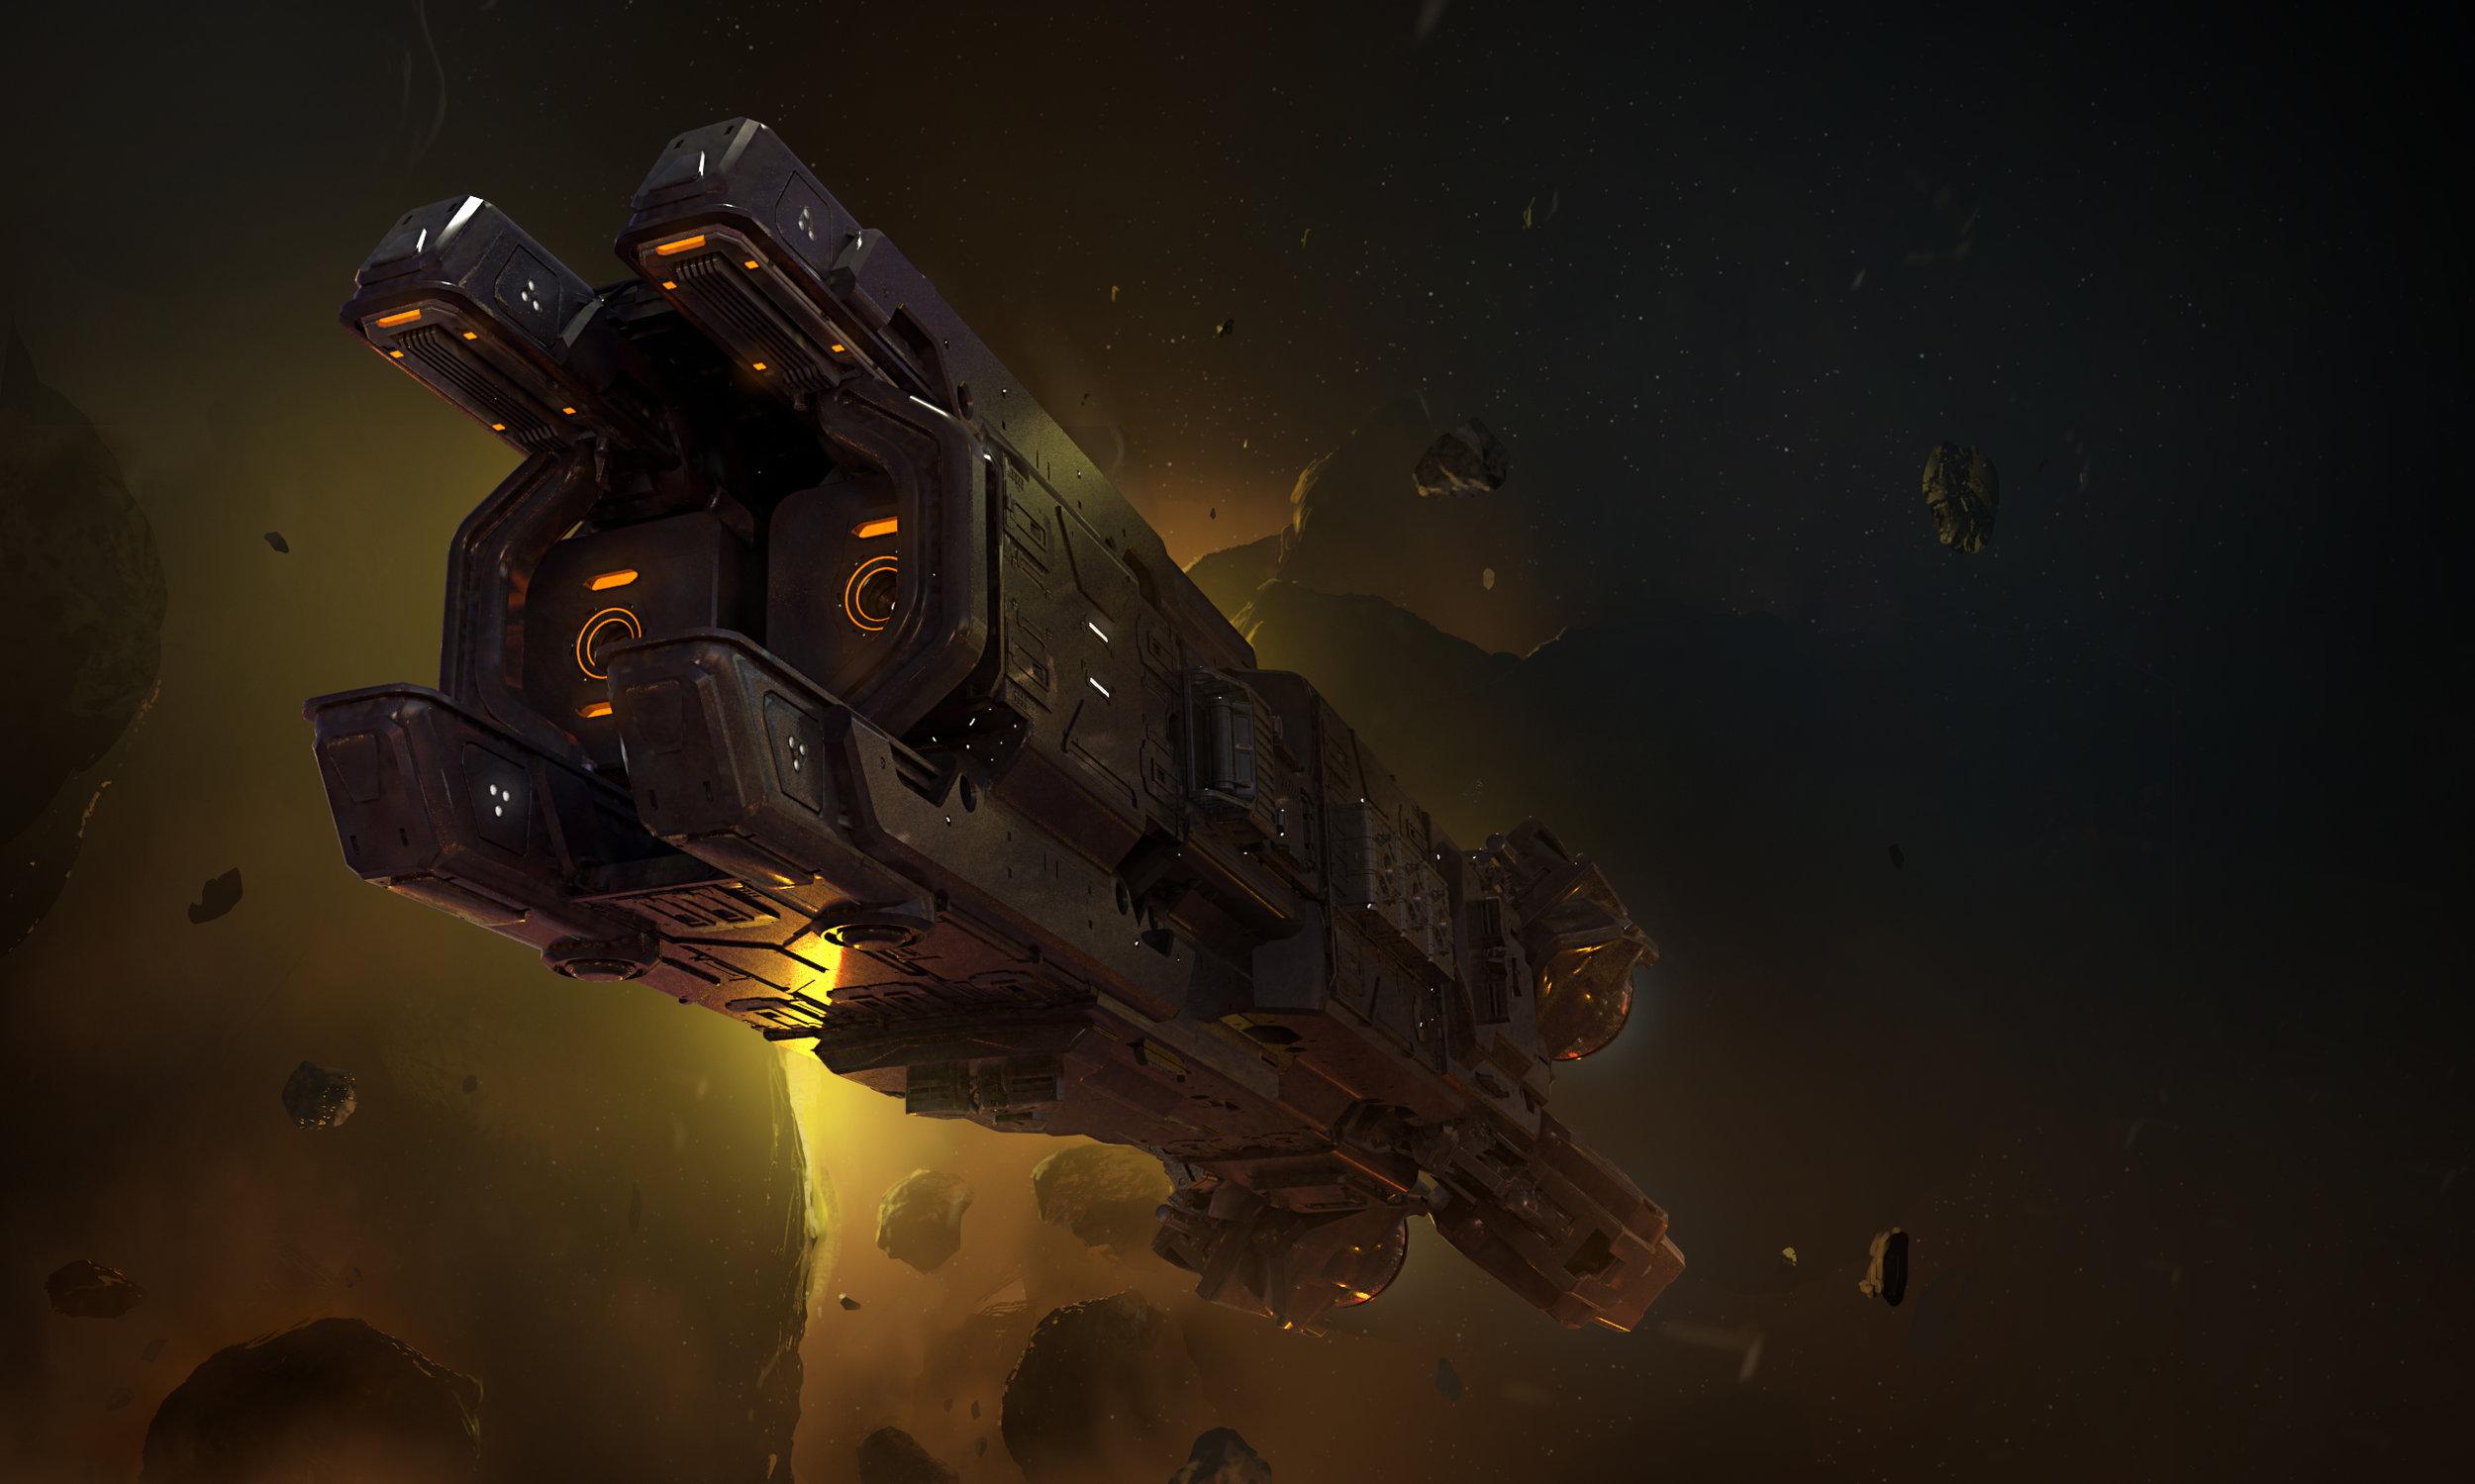 battleship-final.jpg